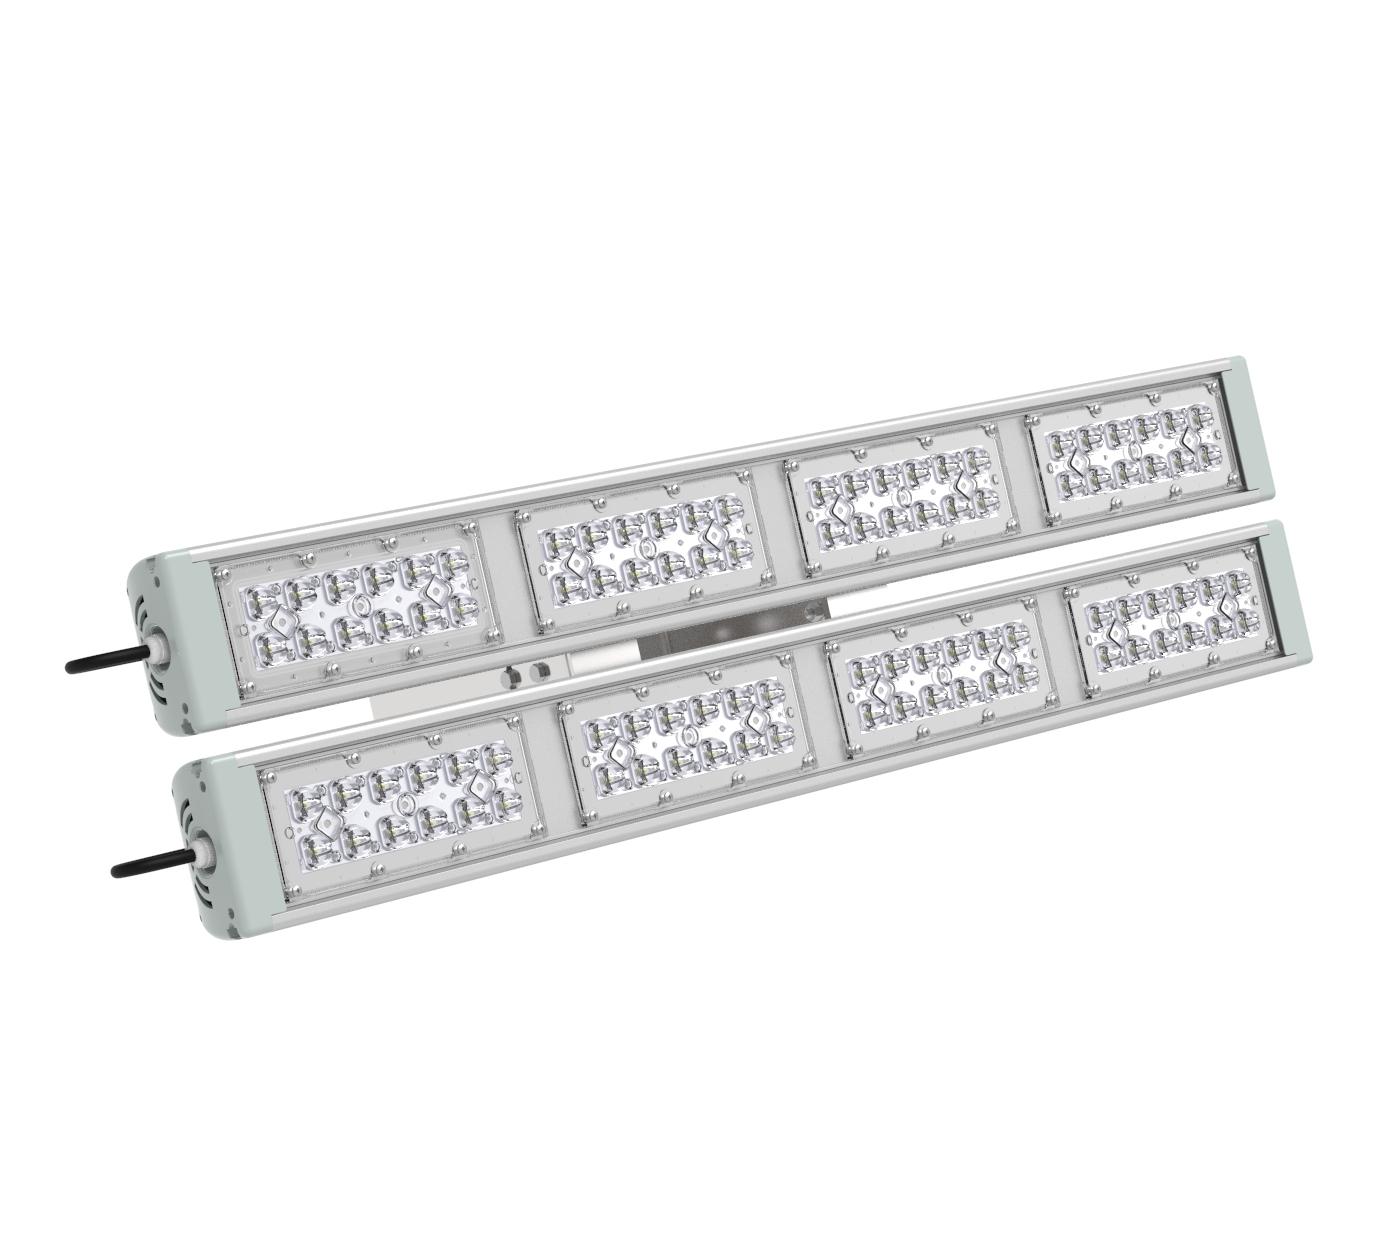 Промышленный светильник Модуль PRO SVT-STR-MPRO-102Вт-30x120-DUO